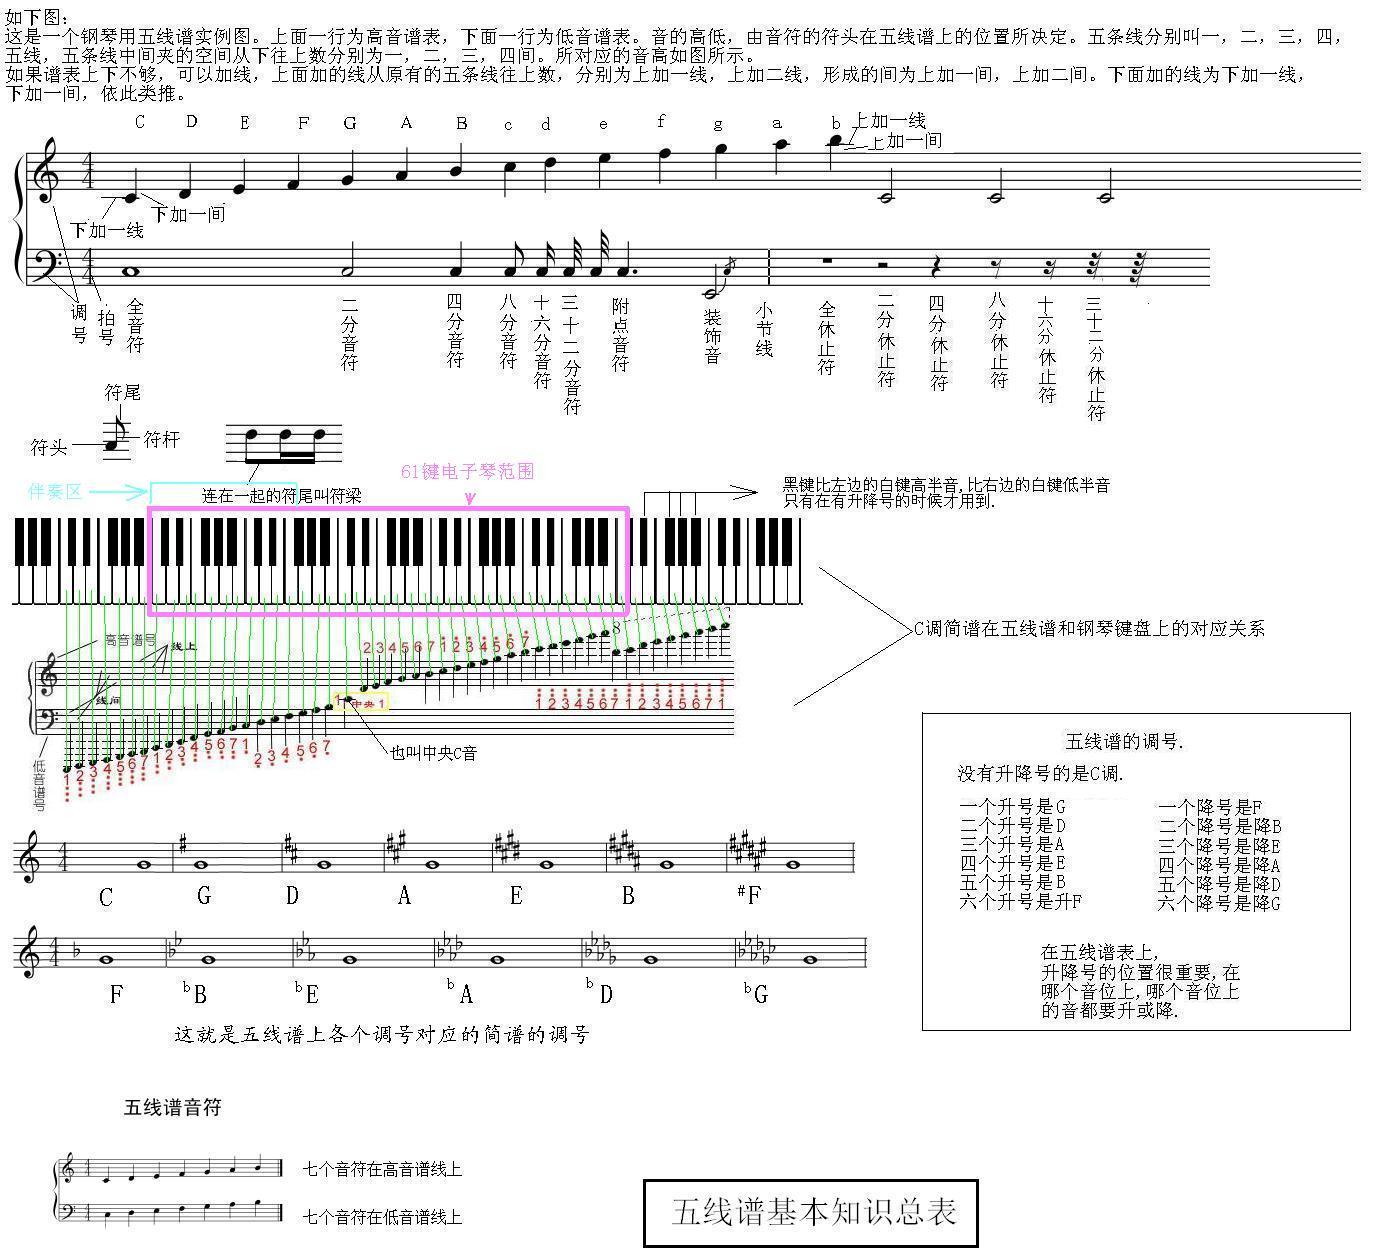 61键电子琴键位